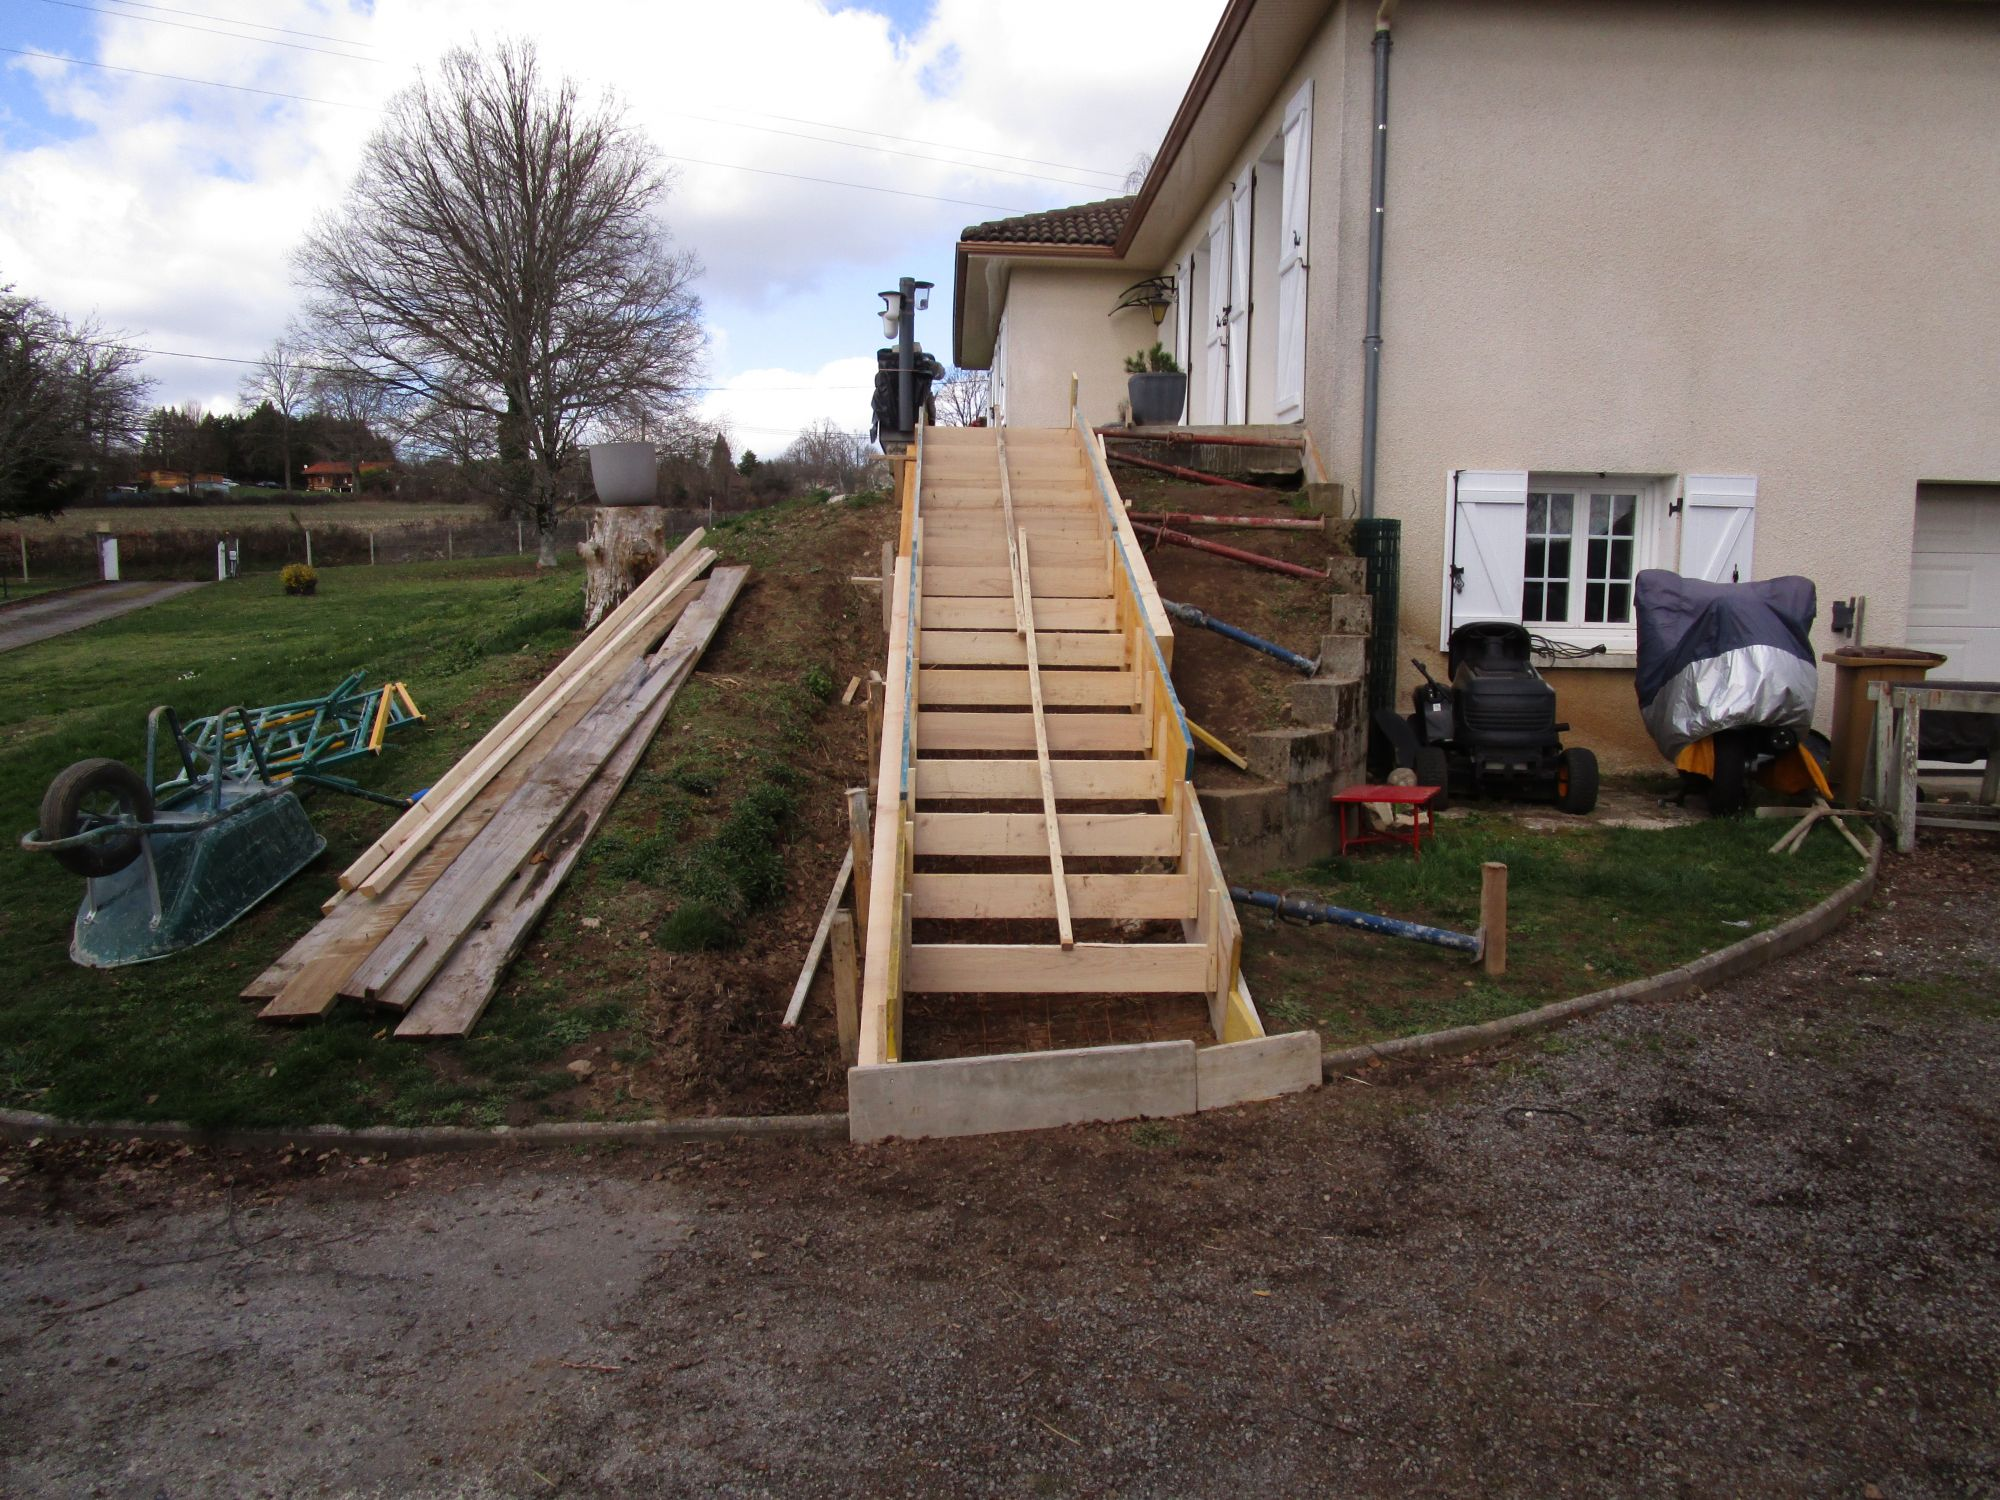 Escaliers en béton - EURL Serge Ajuste Maçonnerie